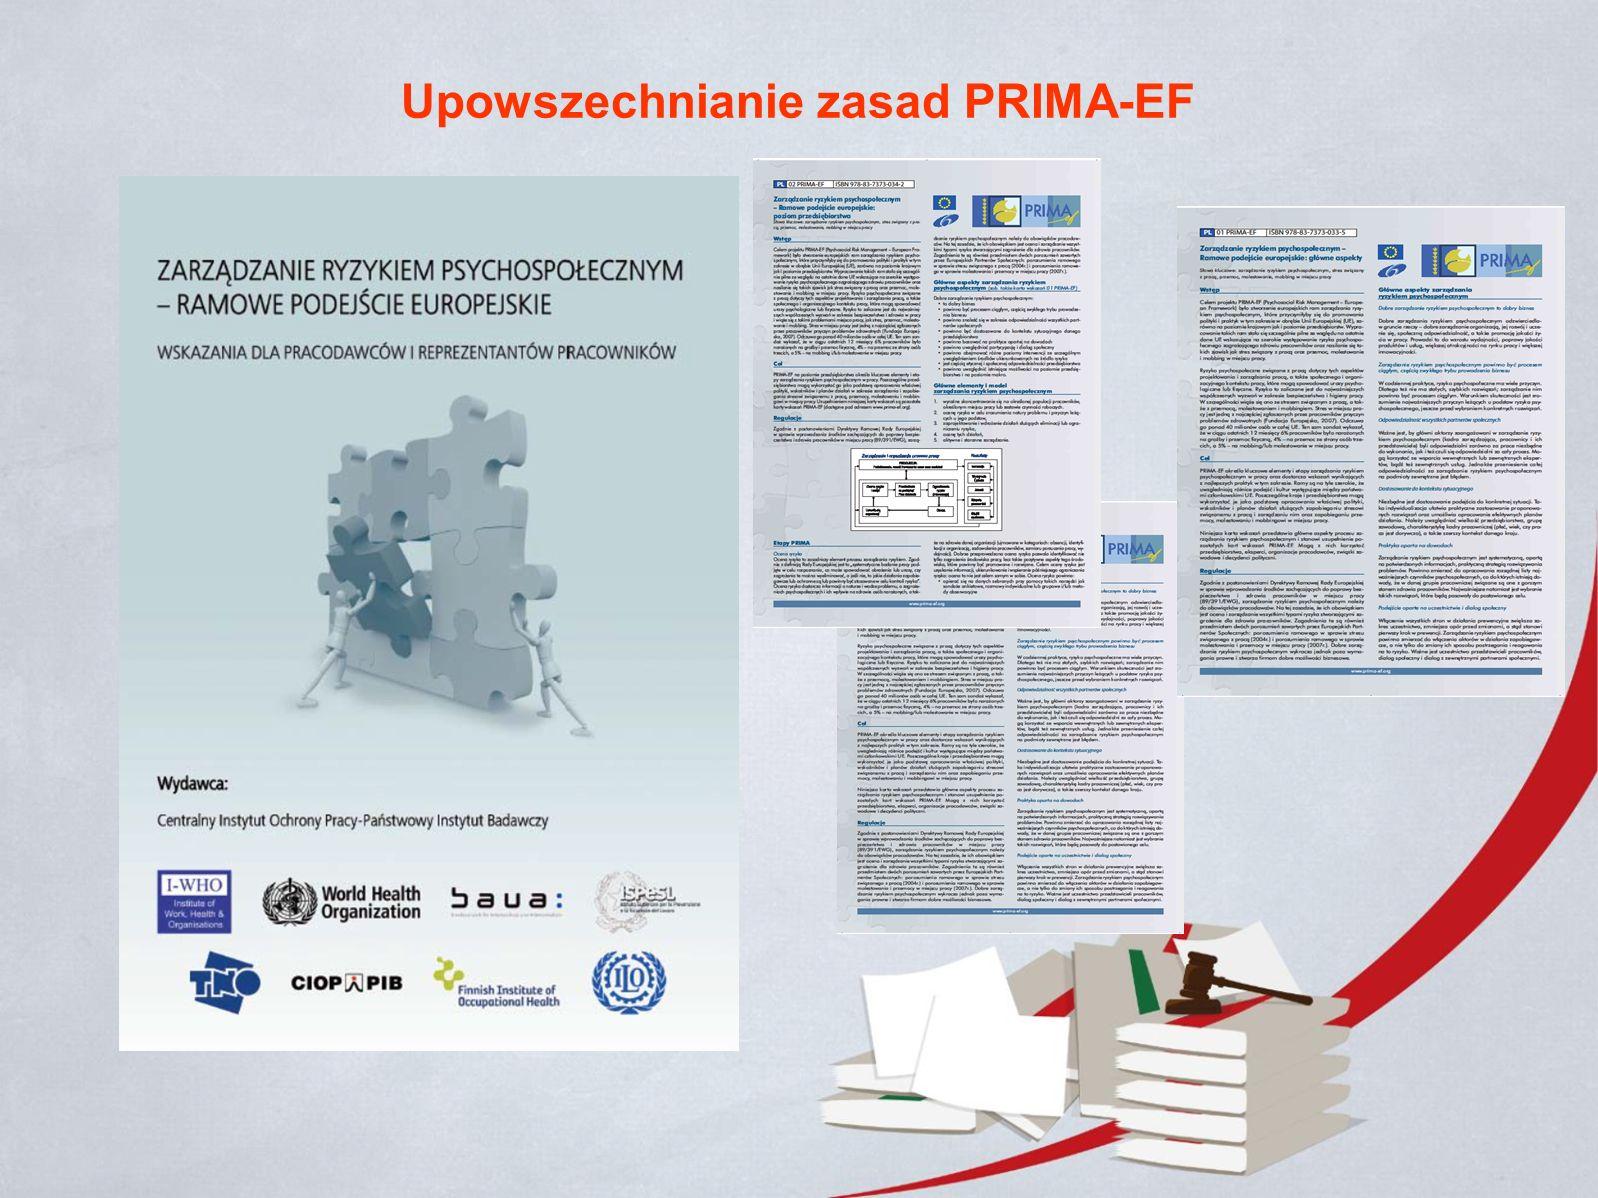 Upowszechnianie zasad PRIMA-EF